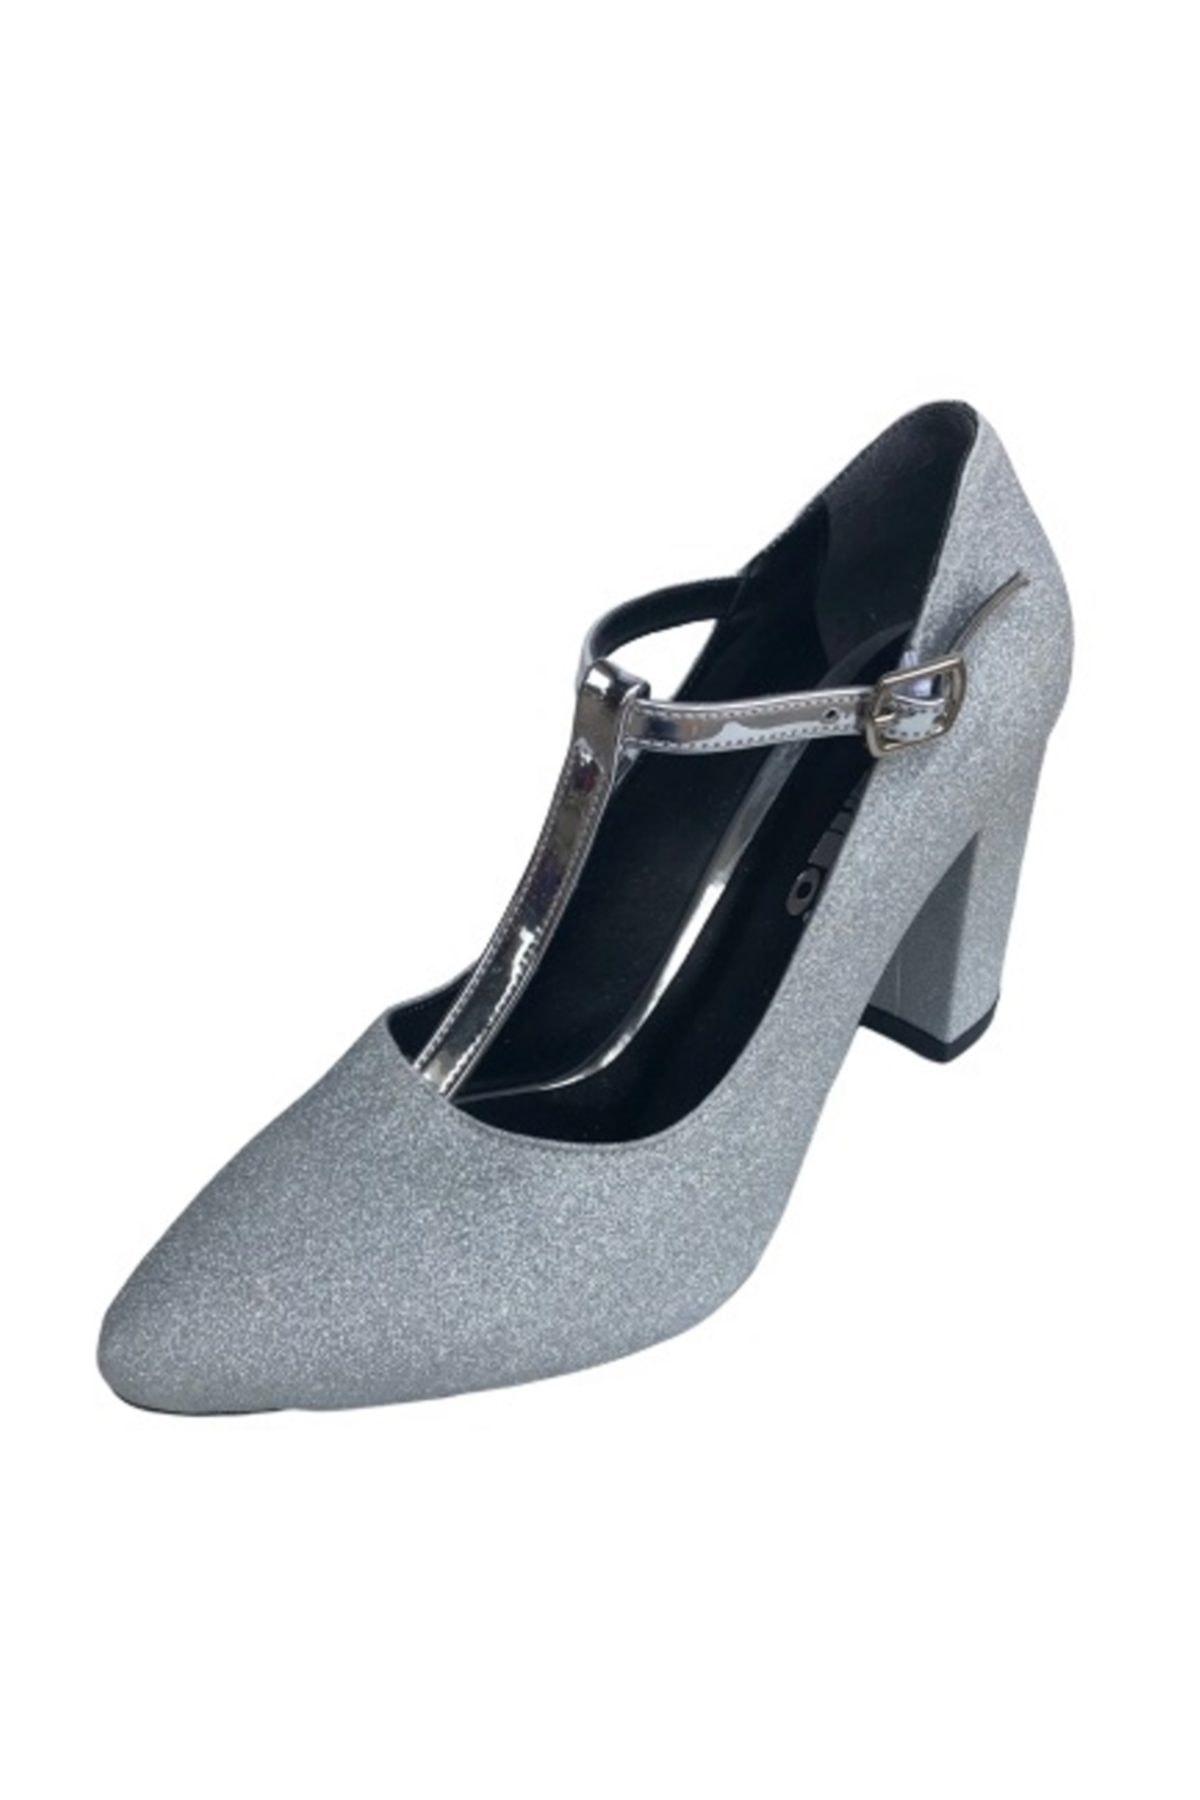 PUNTO 410101-09 Gümüş  Kare Topuk Simli Bayan Ayakkabı 1